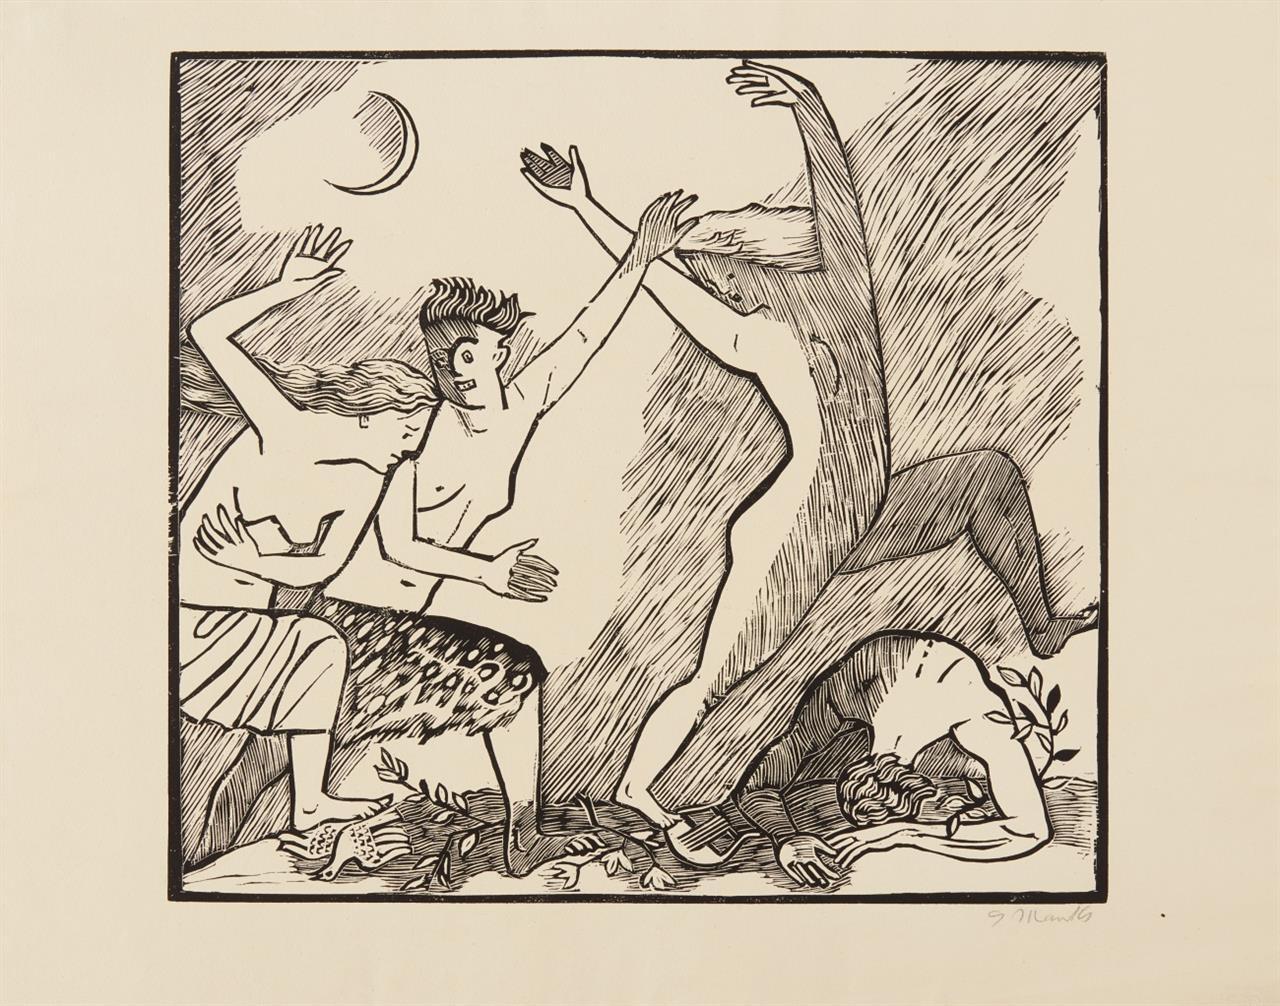 Gerhard Marcks. Tod durch Mänaden. 1947/48. Holzschnitt. Signiert. L 180.11 / Dazu: 2 Beilagen.